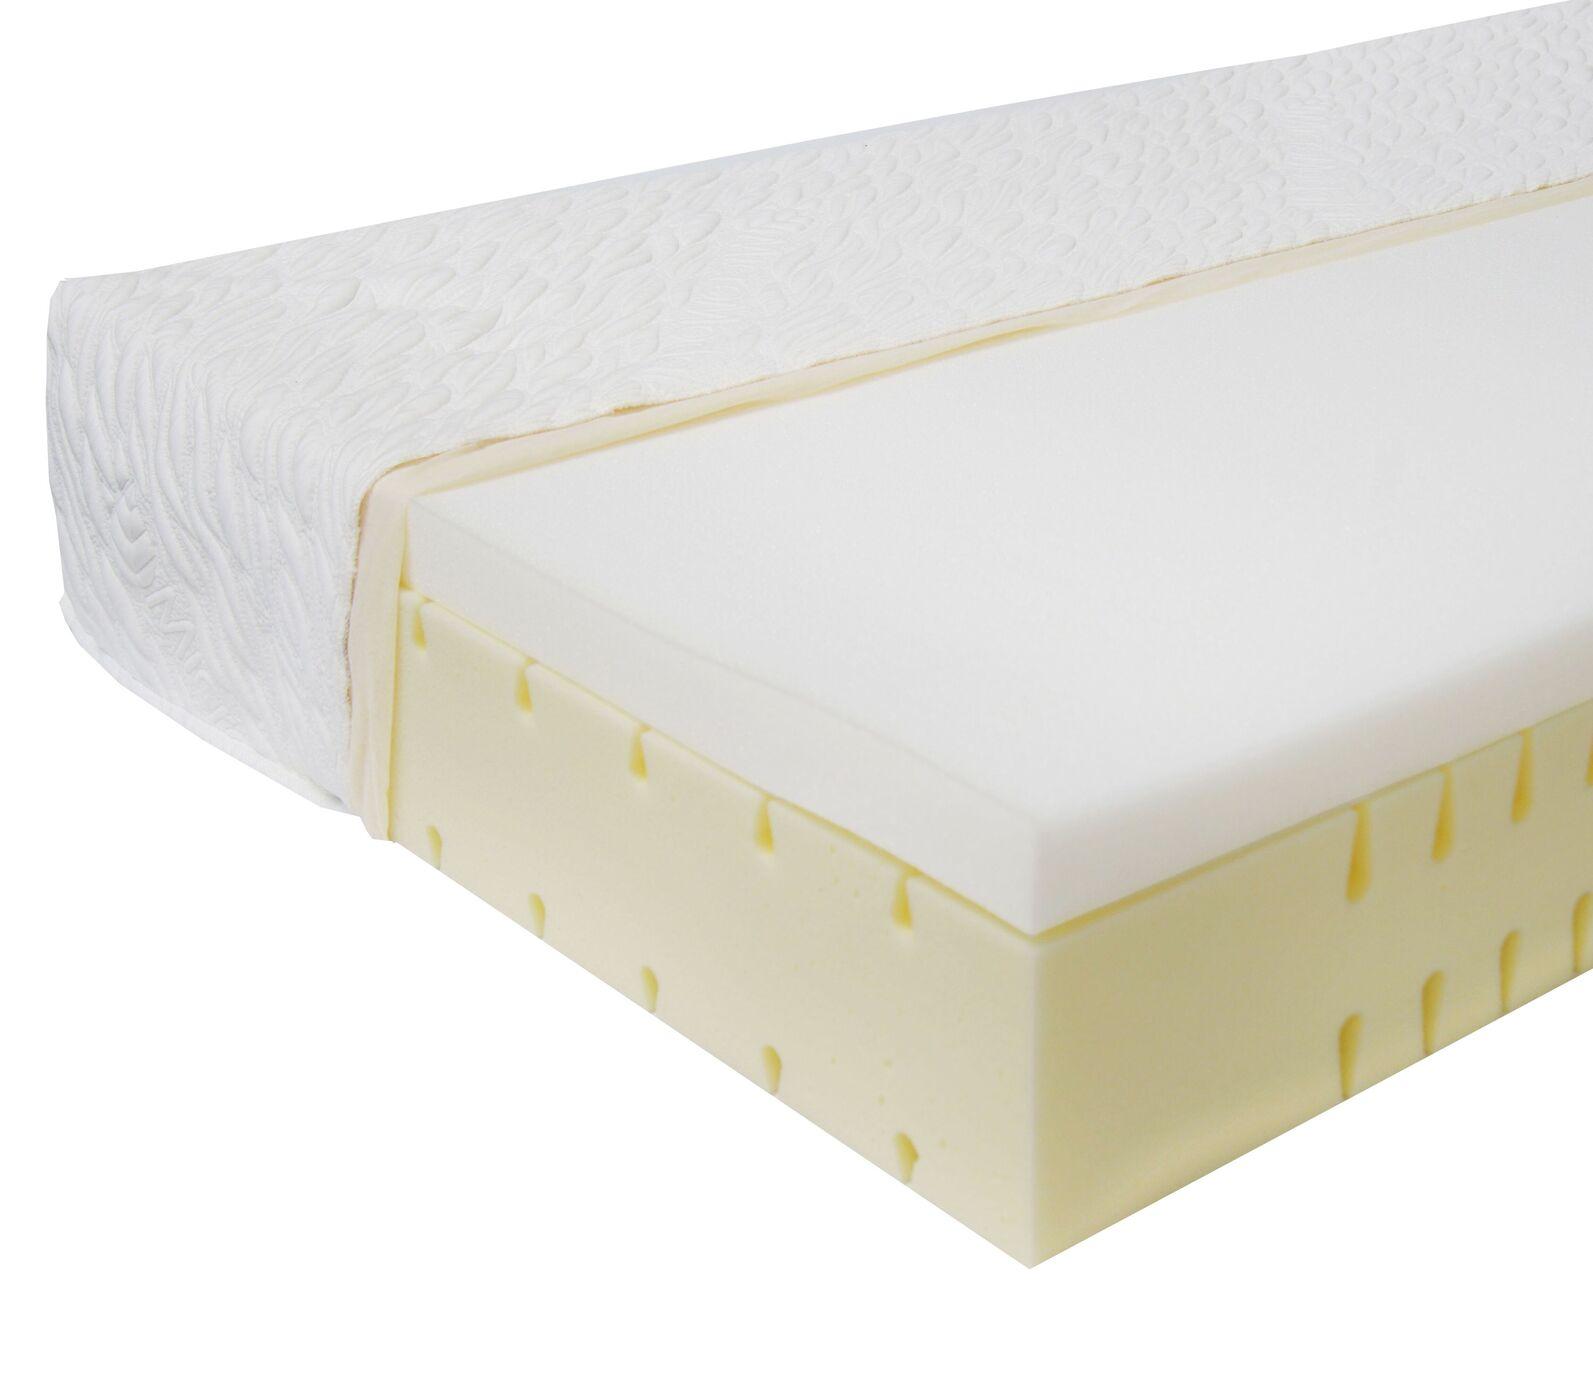 Kaltschaum-Matratze orthowell visco mit ergonomischen Einschnitten